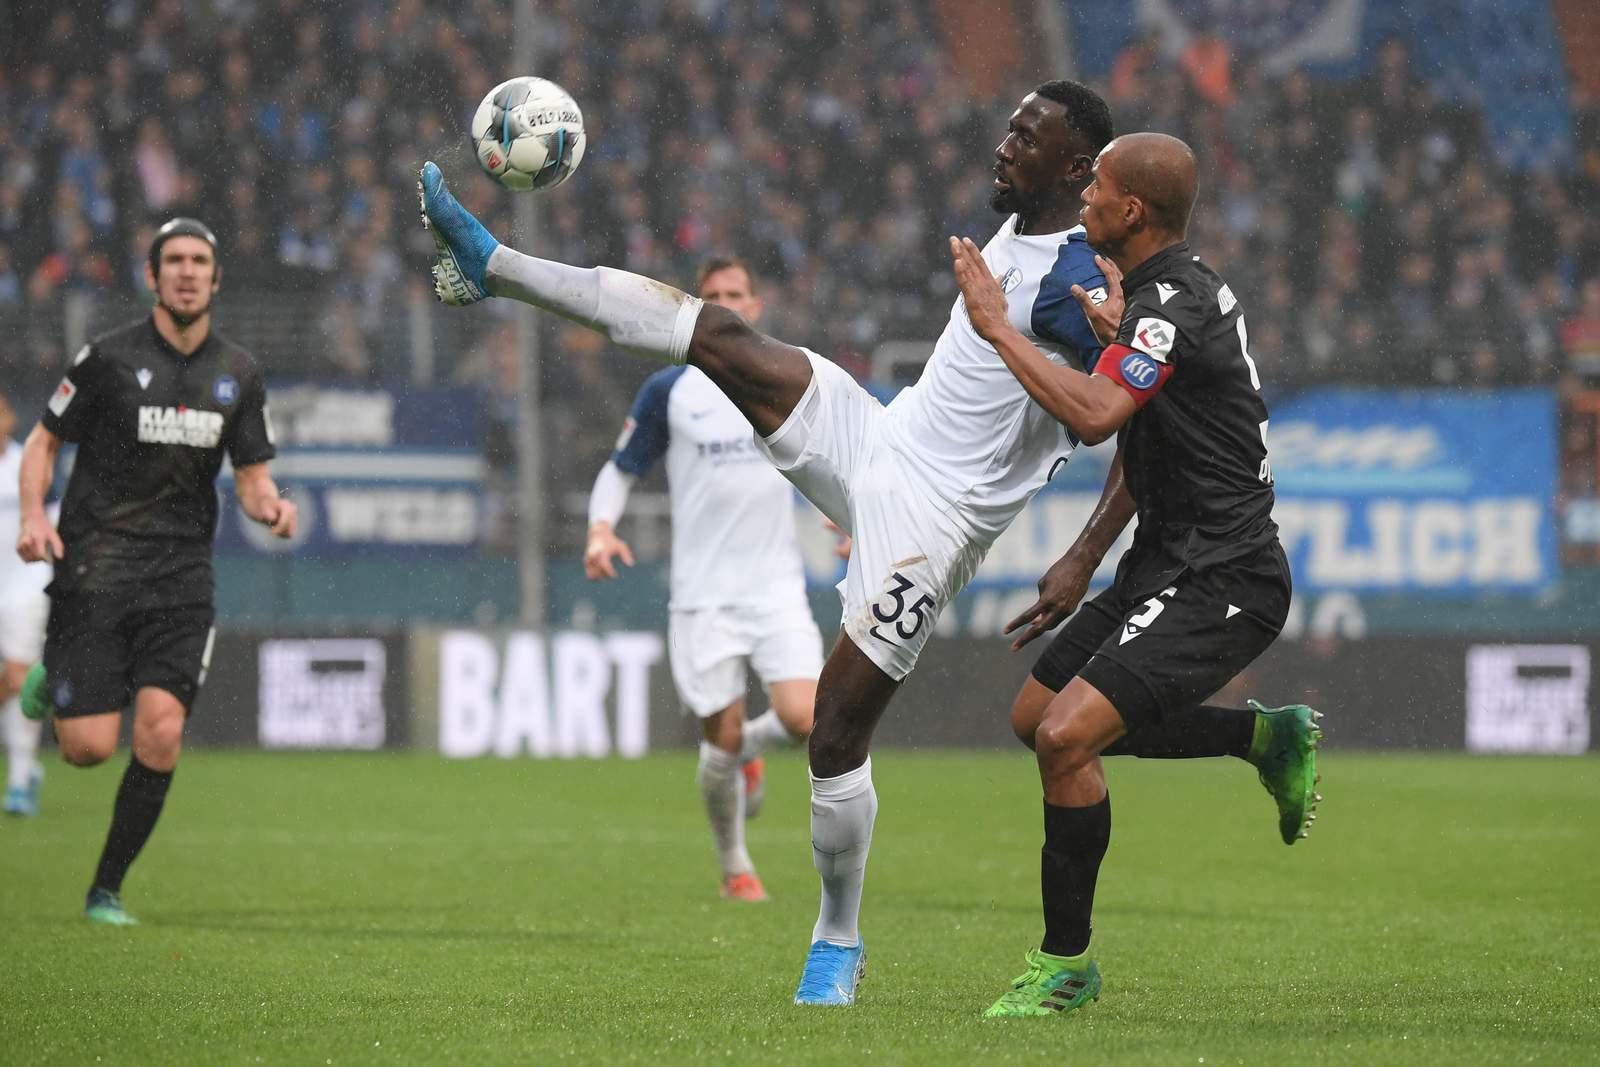 Silvere Ganvoula von Bochum gegen Karlsruhes David Pisot.